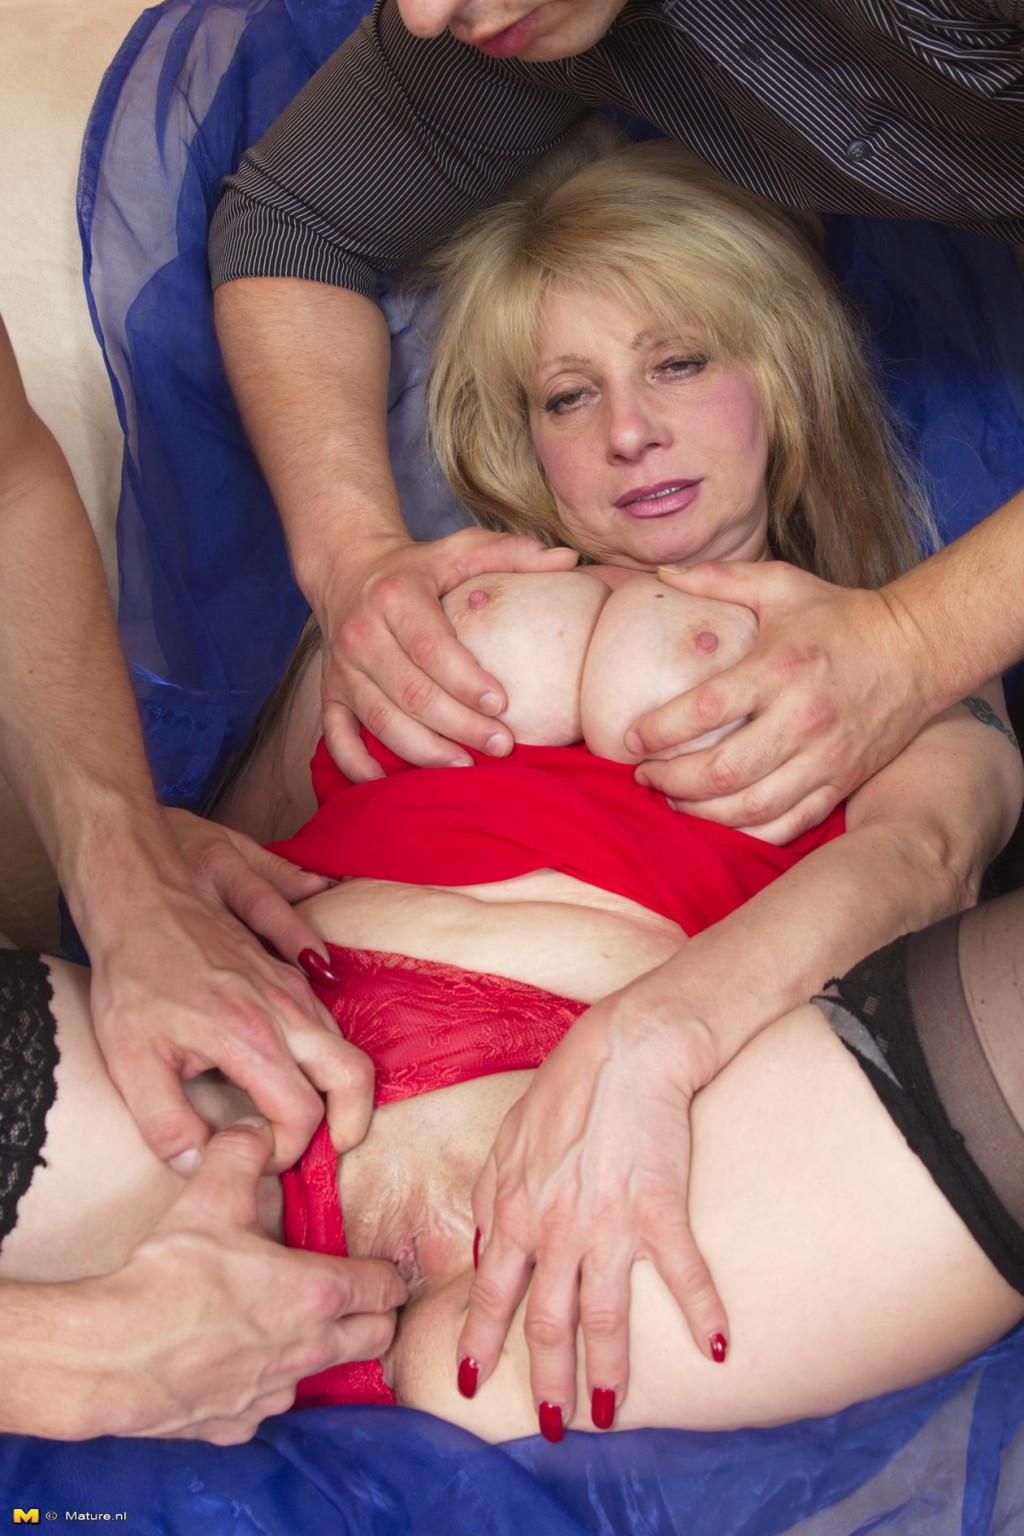 Секс втроем - Галерея № 3547405